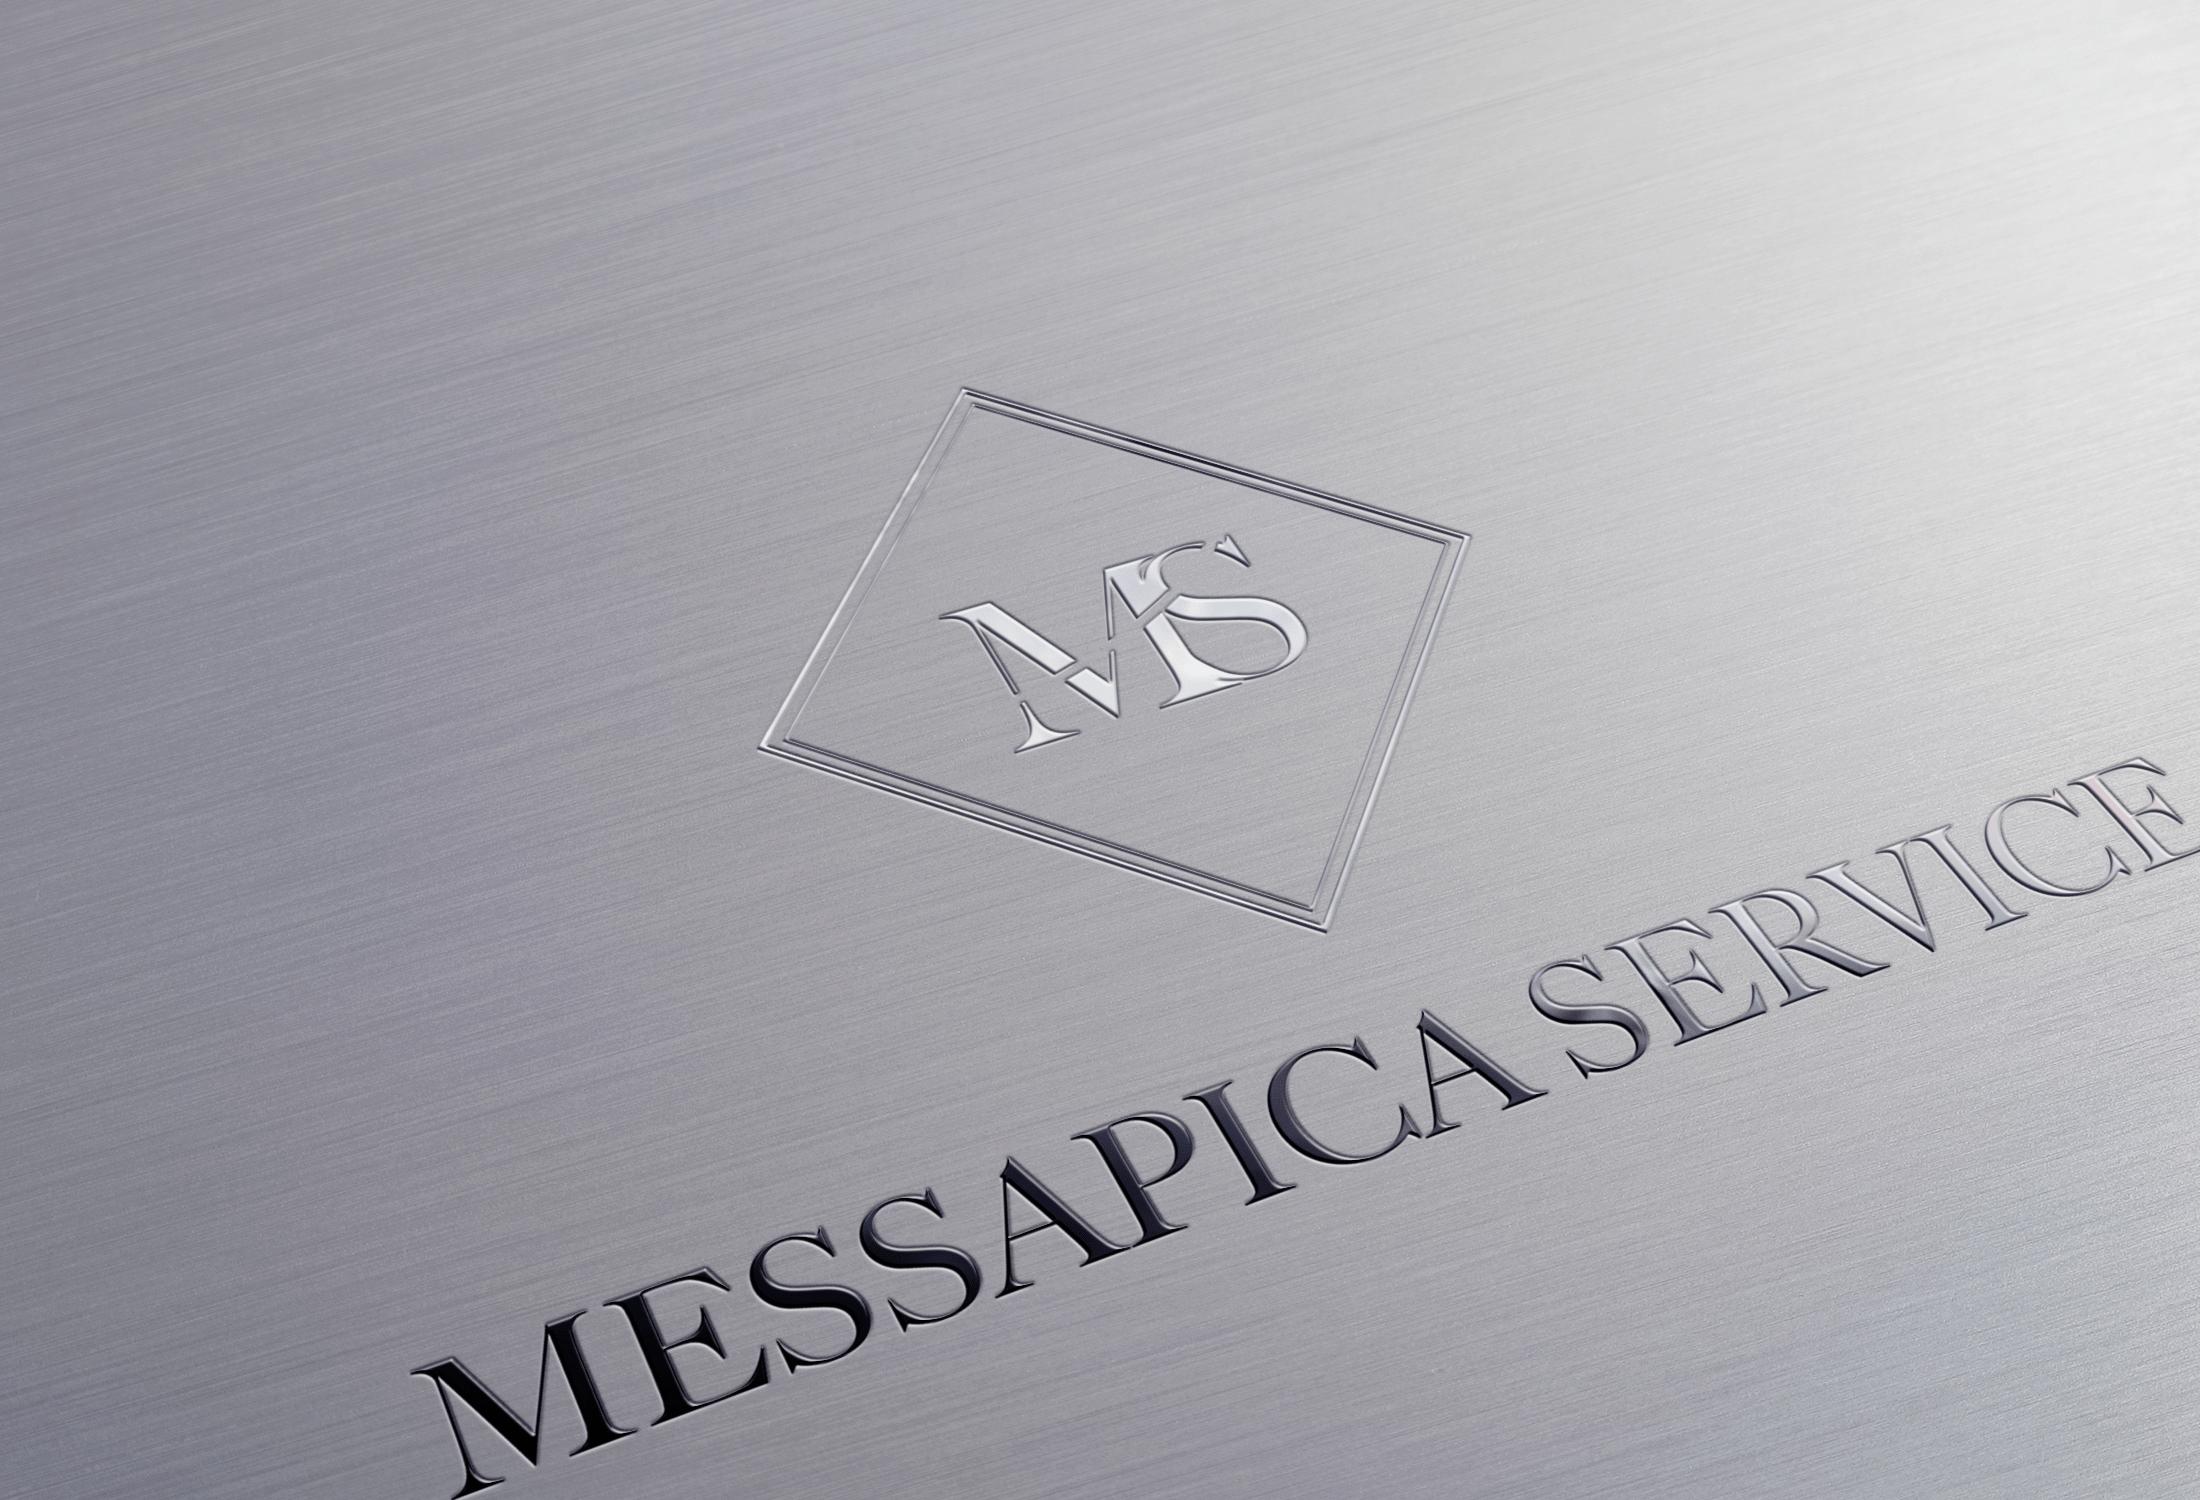 Logo per l'Agenzia di Servizi Messapica Service